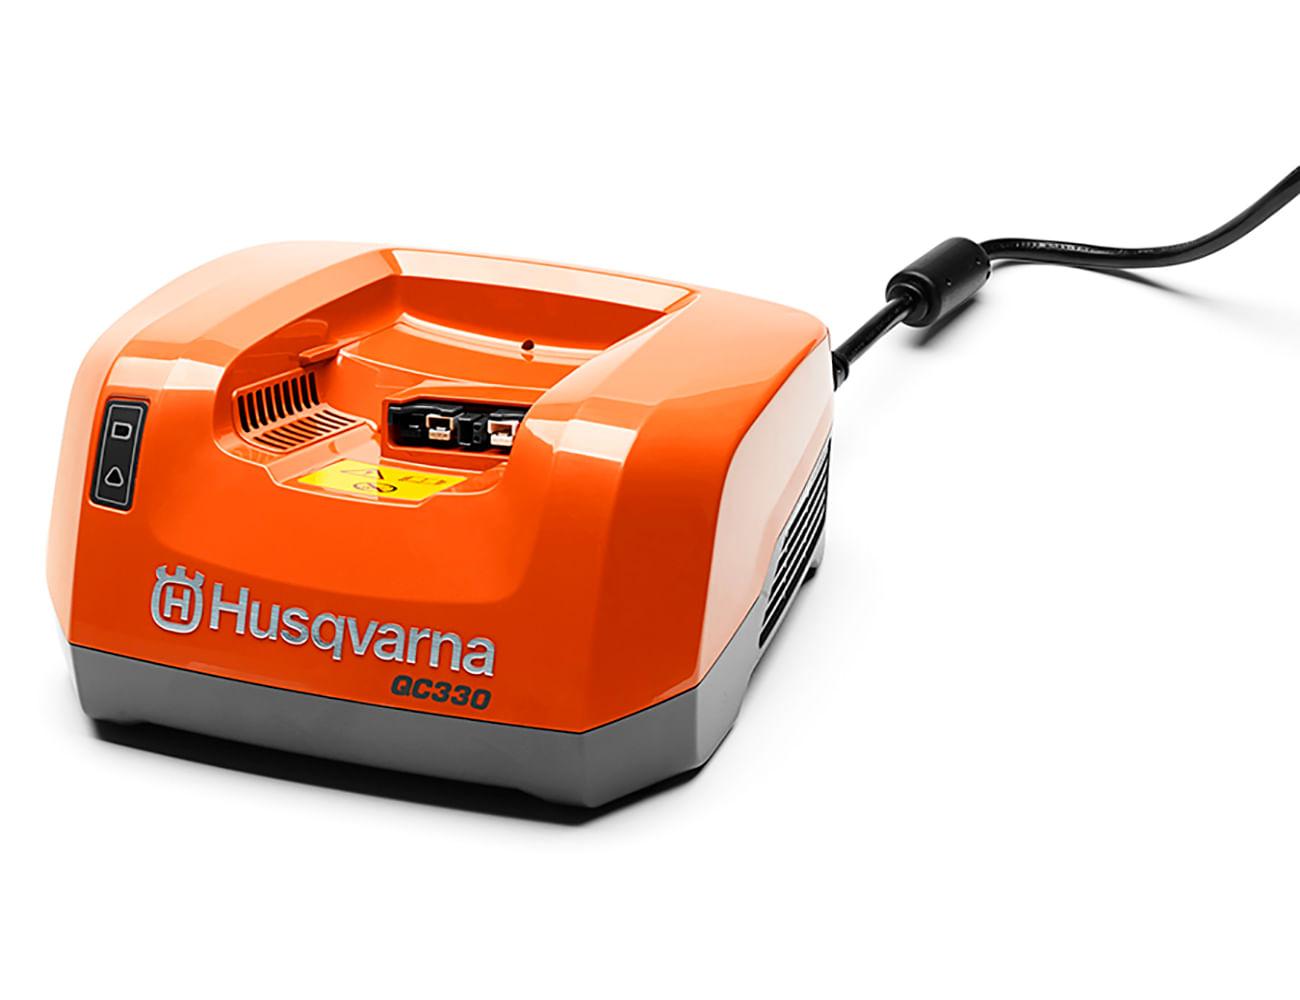 H110-0389---carregador-QC330-1300x1000